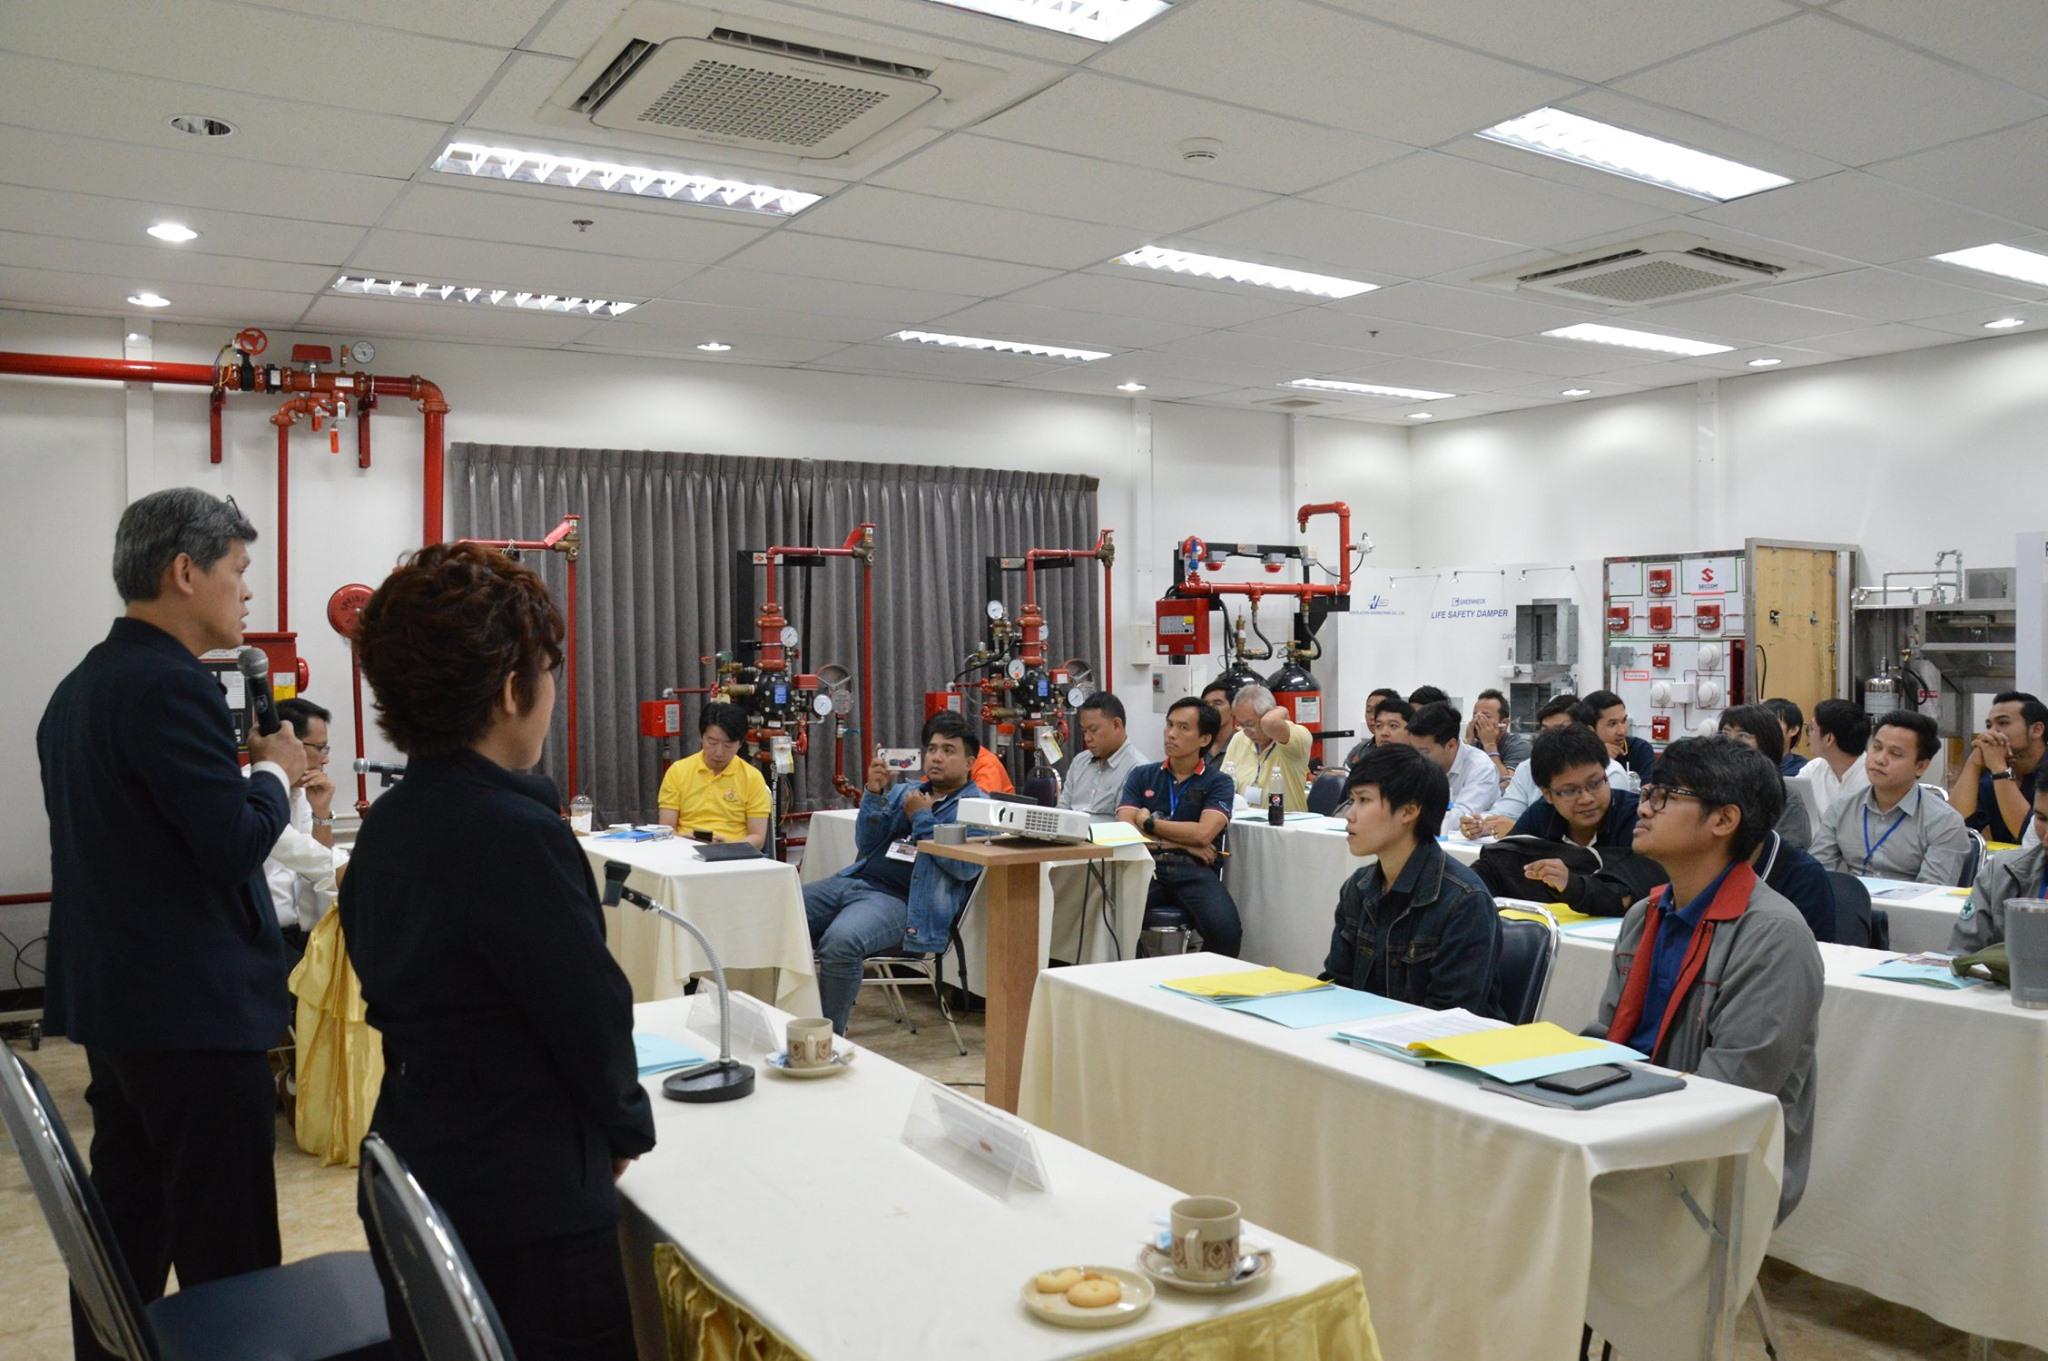 """วิศวกรรมสถานแห่งประเทศไทยฯ (วสท.) จัดอบรมหลักสูตรพัฒนาทักษะ และทดสอบฝีมือผู้ปฏิบัติงาน เรื่อง """"ระบบแจ้งเหตุเพลิงไหม้"""" รุ่น Gold"""" โดย ดร.พิชญะ จันทรานุวัฒน์ เลขาธิการ วสท. ให้เกียรติเปิดการอบรมฯ และคุณบุษกร แสนสุข ประธานคณะกรรมการฯ"""